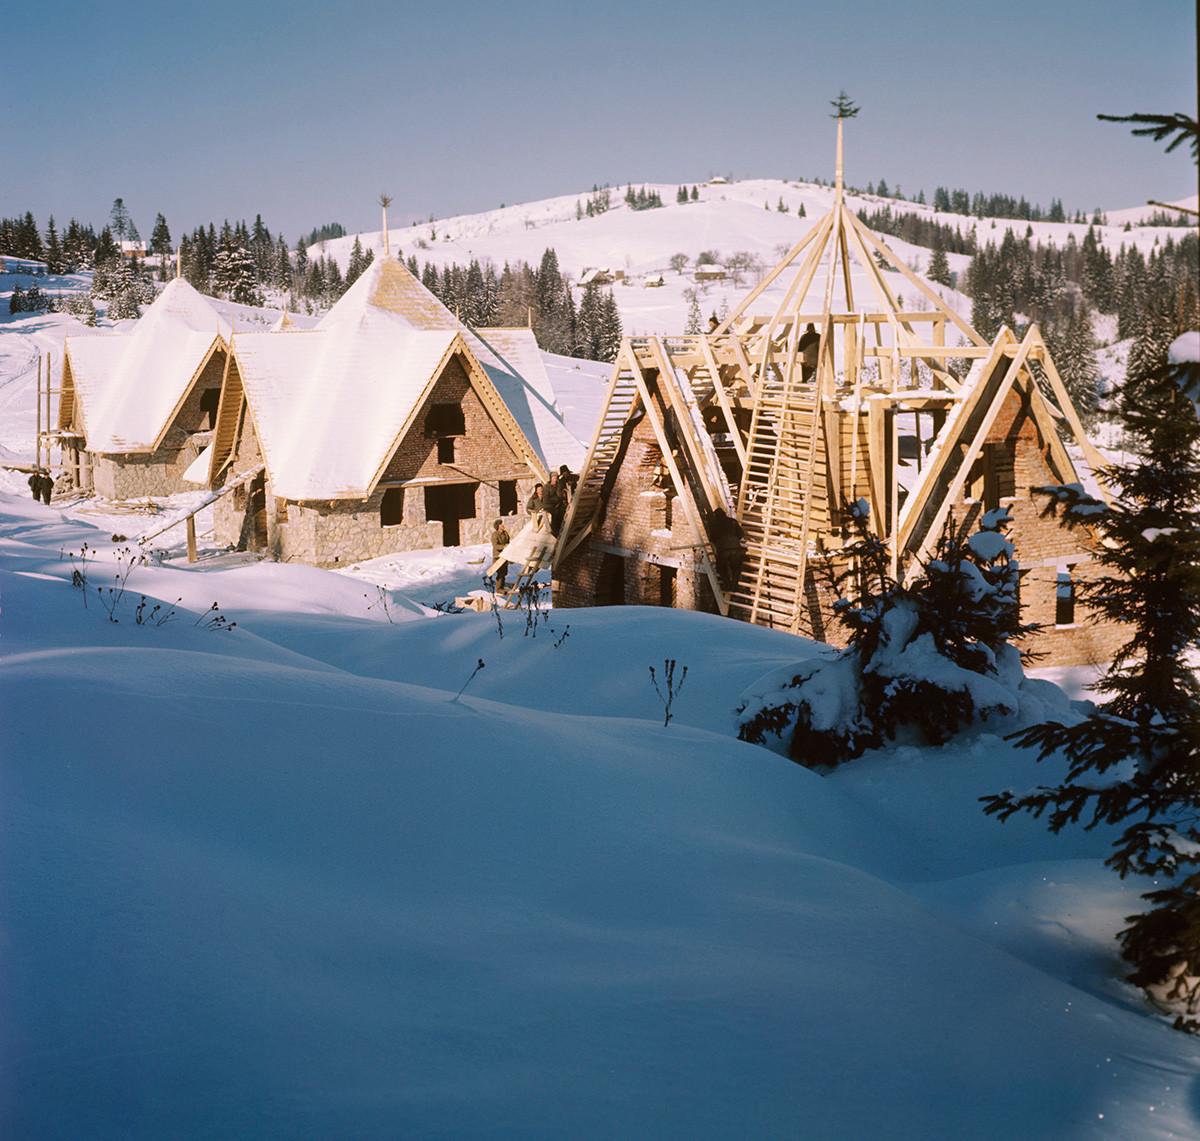 Bau von Ferienhäusern für Touristen in den Karpaten, Region Iwano-Frankiwsk, 1970